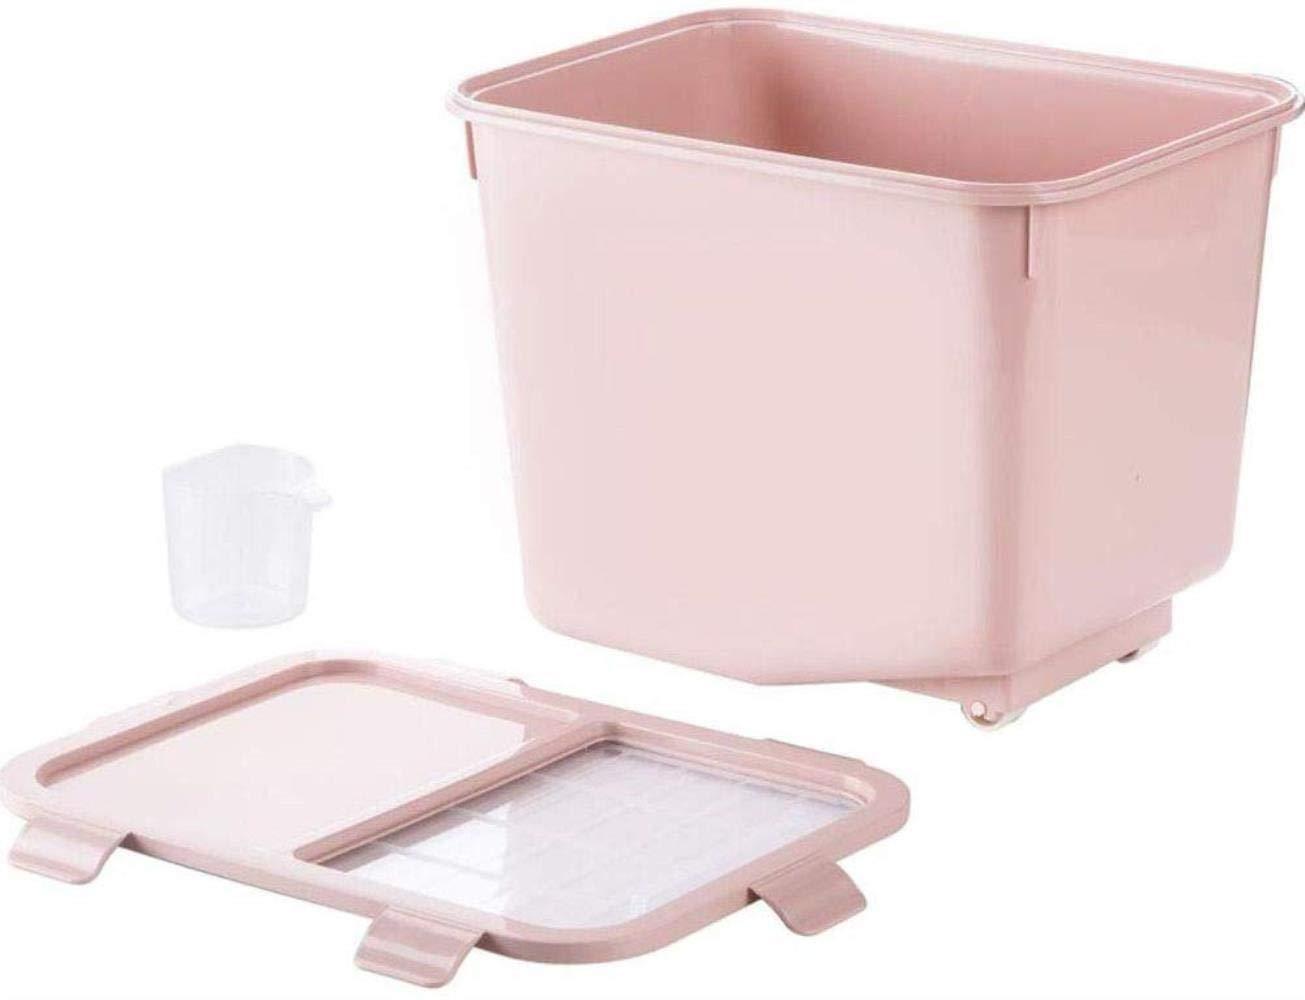 Full Size of Aufbewahrungsbehälter Küche Aufbewahrungsbehälter Für Küche Aufbewahrungsbehälter Küche Ikea Aufbewahrungsbehälter Küche Keramik Küche Aufbewahrungsbehälter Küche